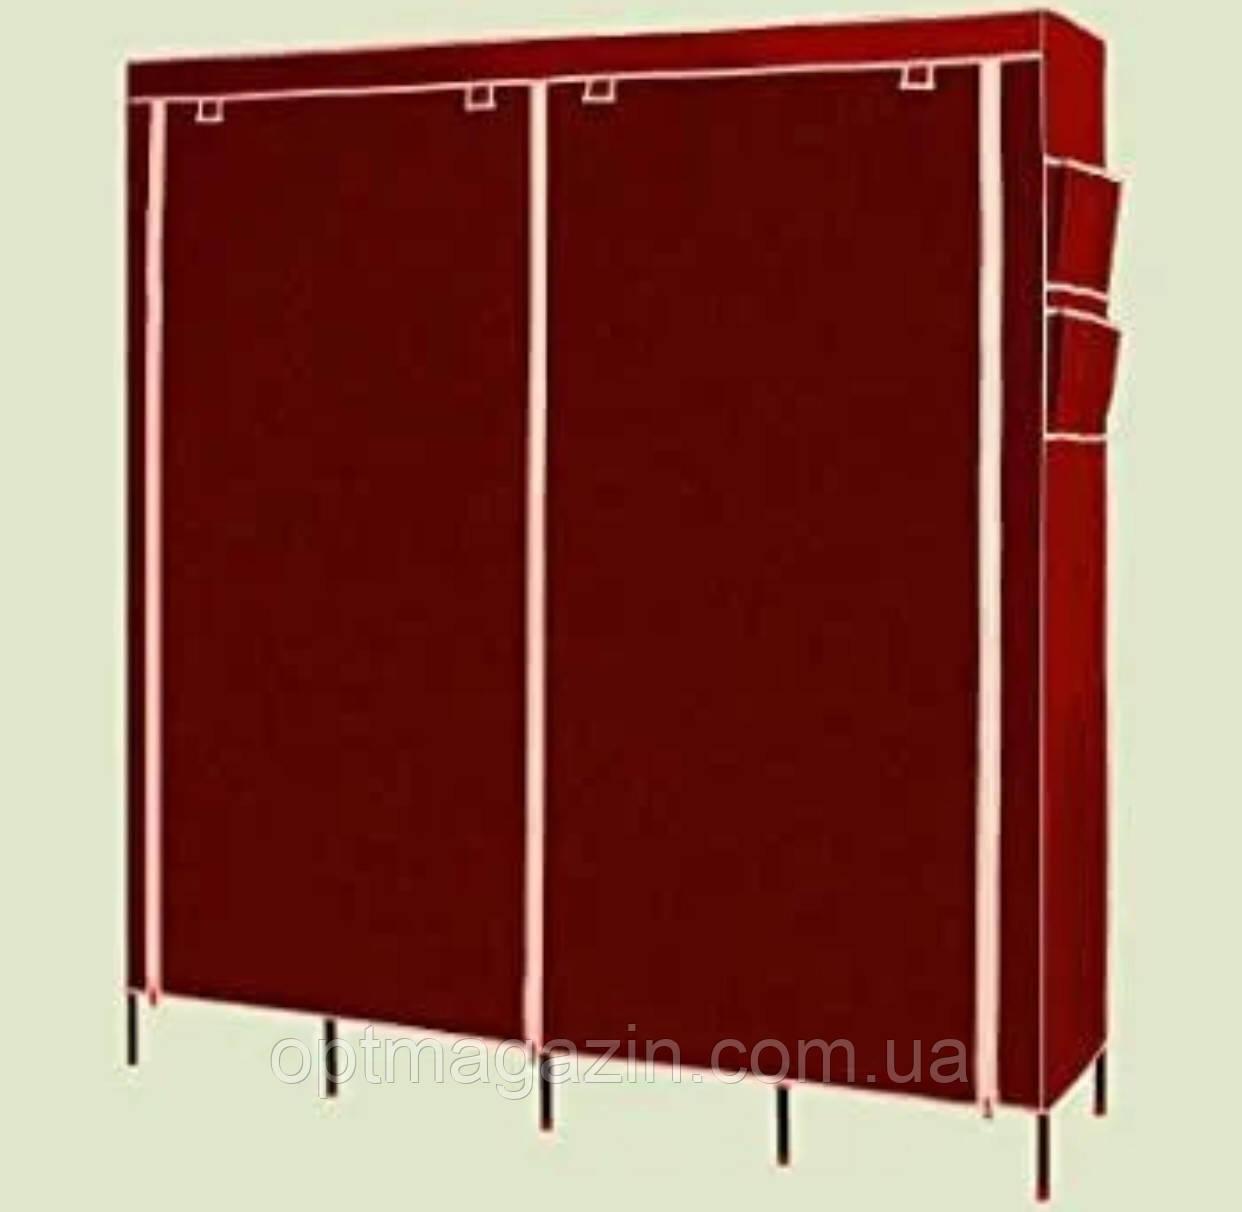 Мобільний тканинної шафа для одягу HCX Storage Wardrobe №28170 коричневий